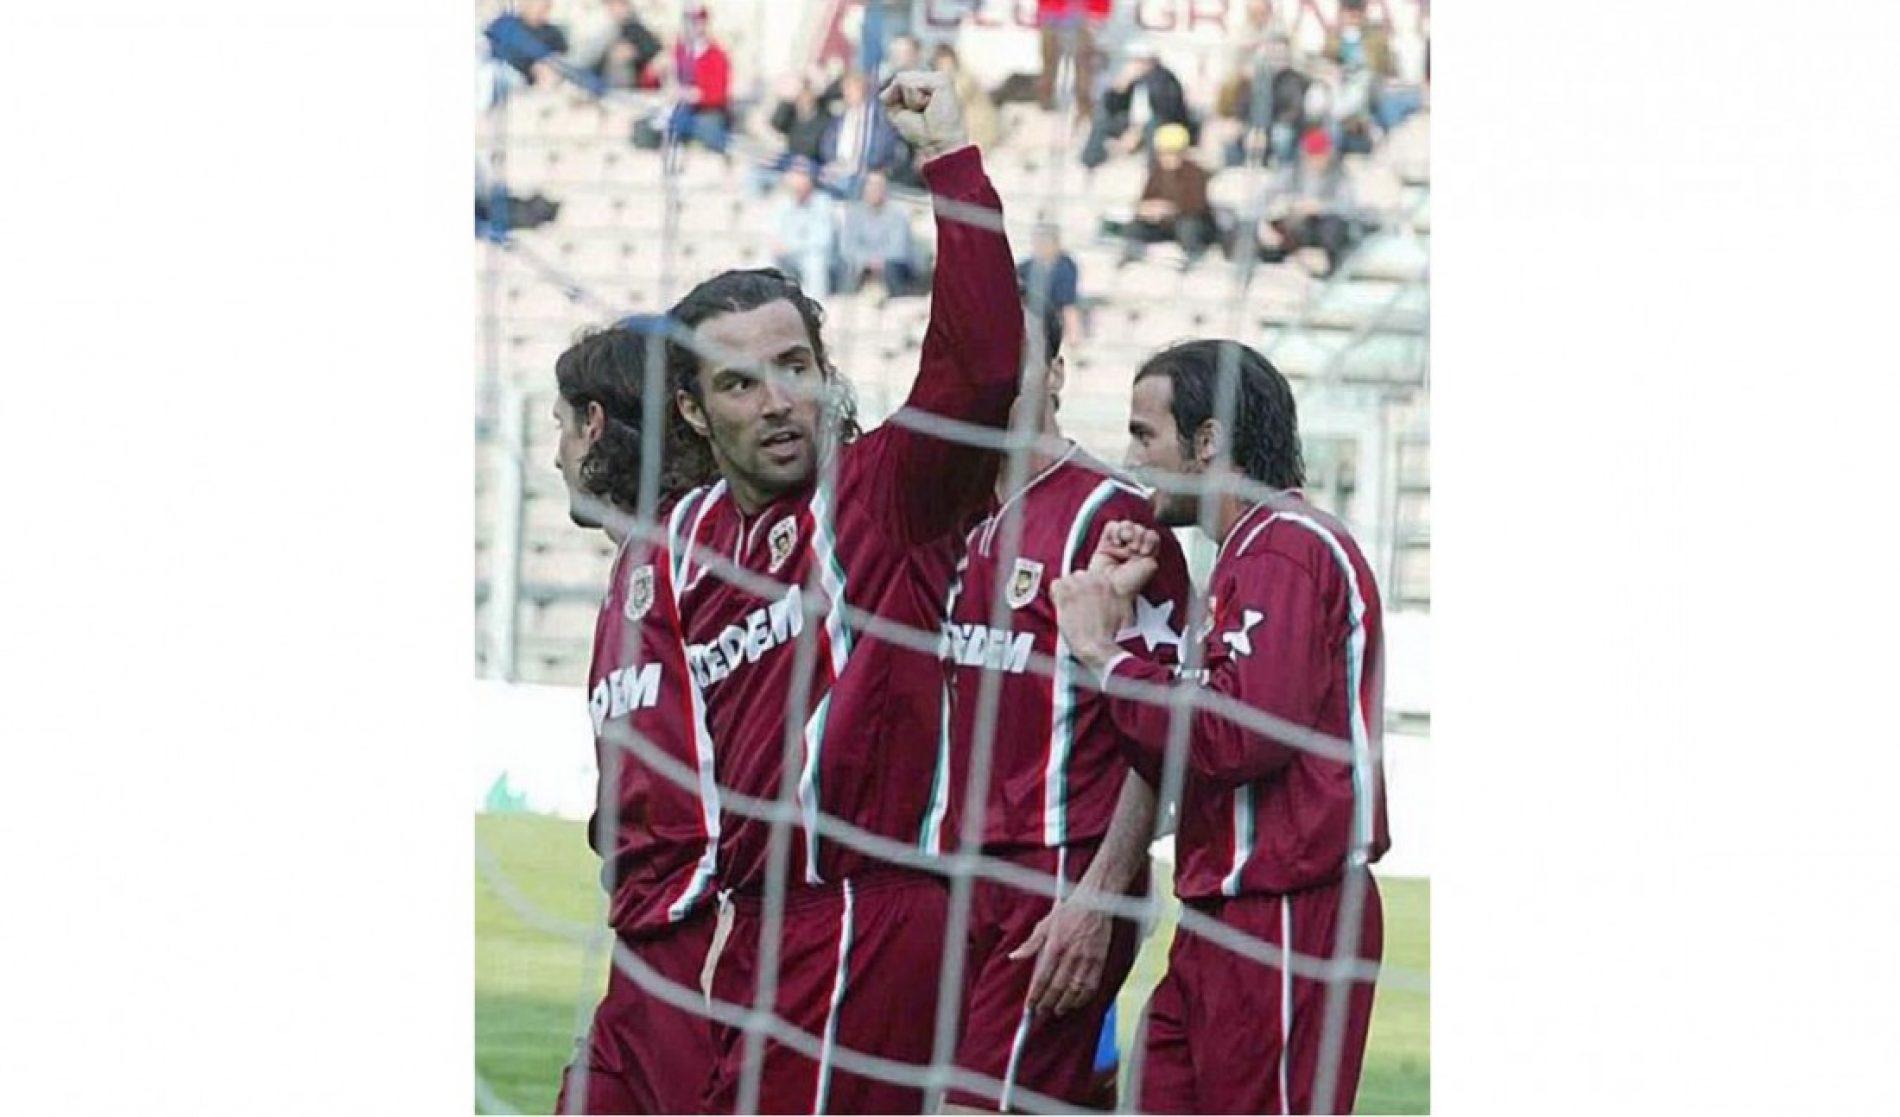 Esclusiva EC – Campolonghi: l'amicizia con i fratelli Inzaghi, Pirlo il predestinato e quella vincita al Totocalcio…